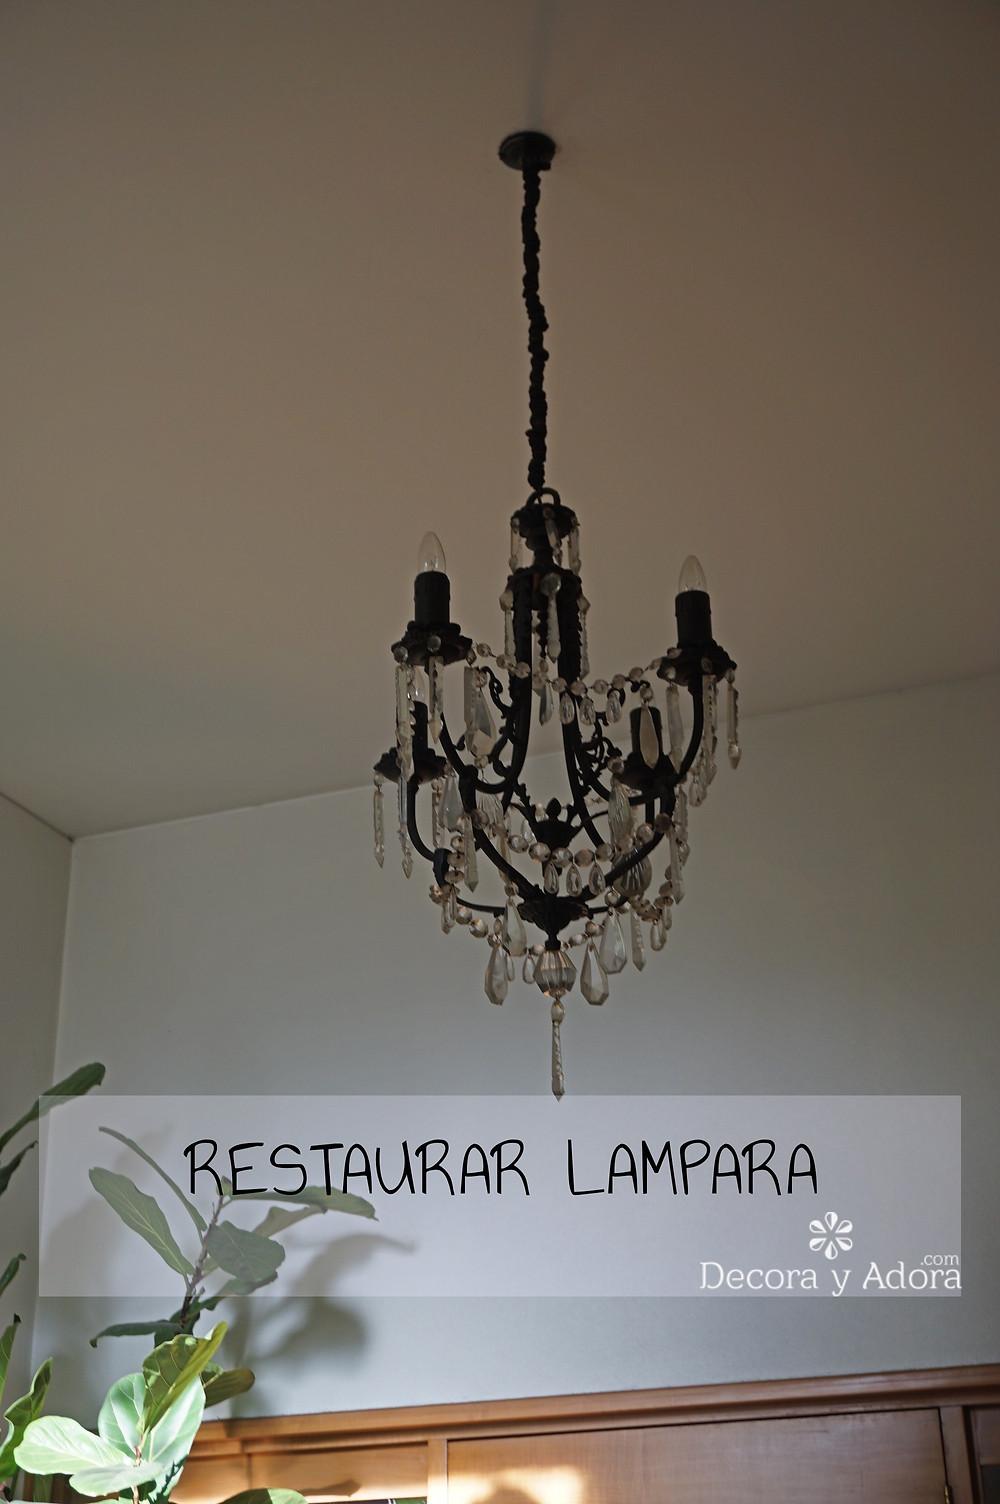 COMO RESTAURAR LAMPARA ANTIGUA